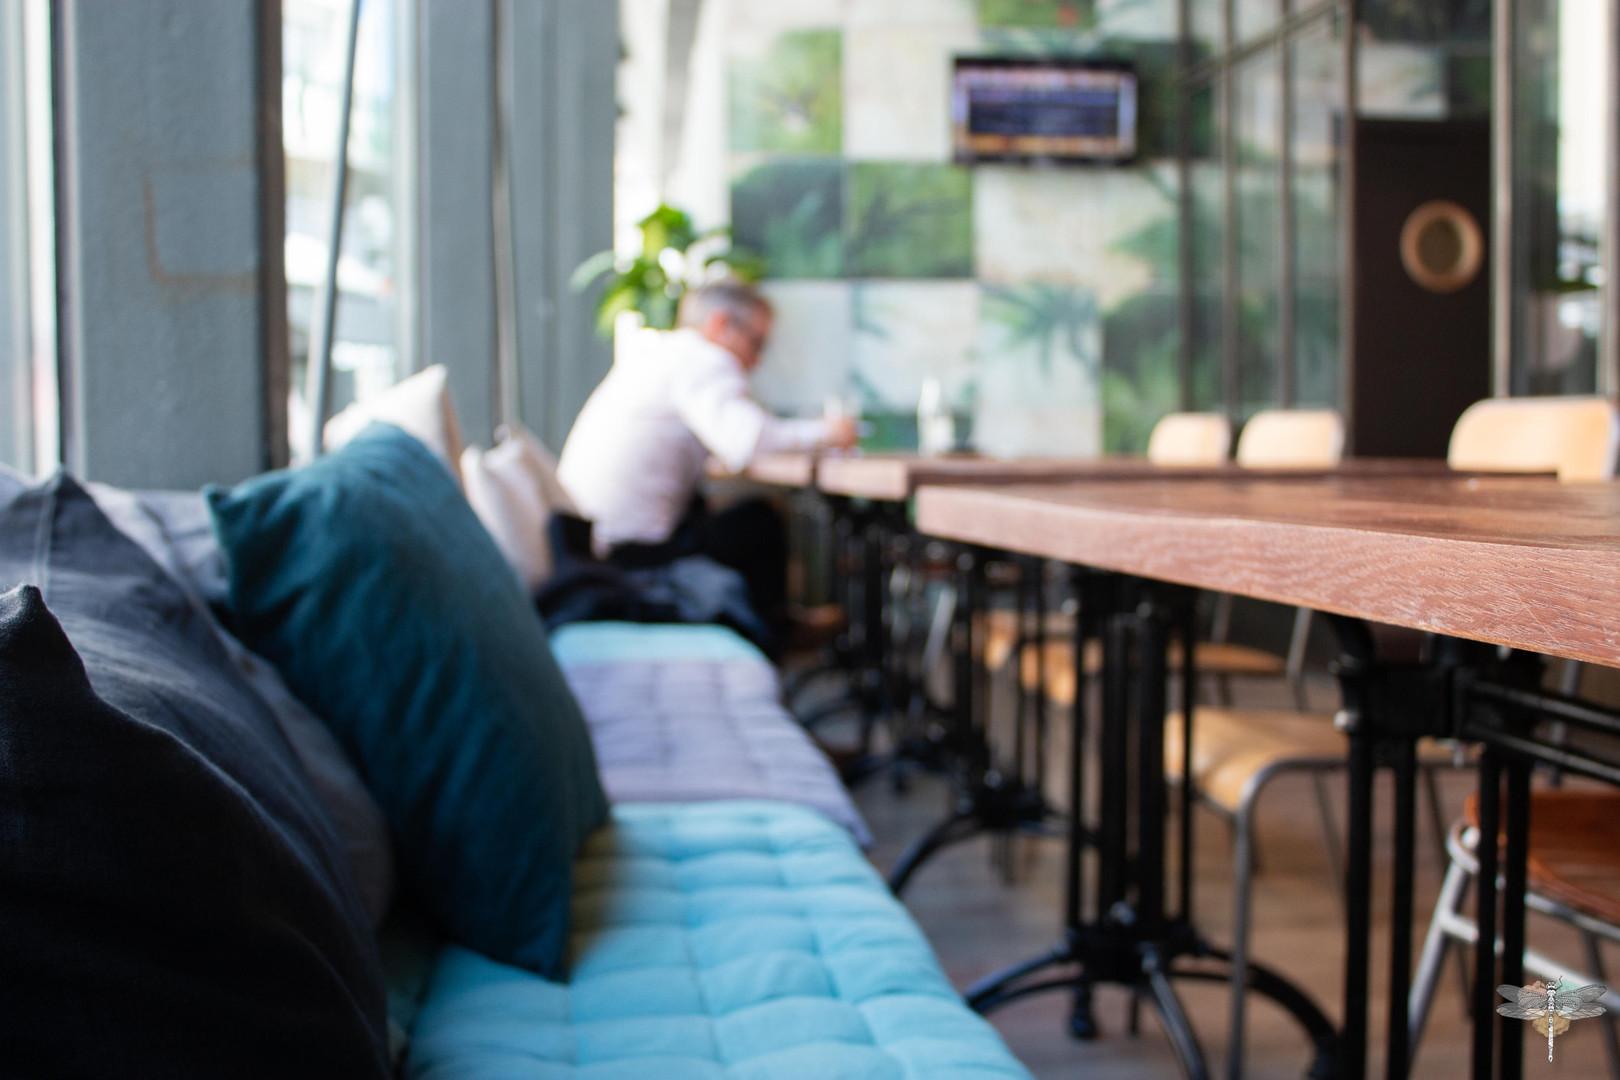 Agencement et décoration du restaurant industriel voyage EAP's CAFE par Carnets Libellule. Coralie Vasseur est votre Décoratrice d'intérieur UFDI à Compiegne : banquettes cosy avec coussins